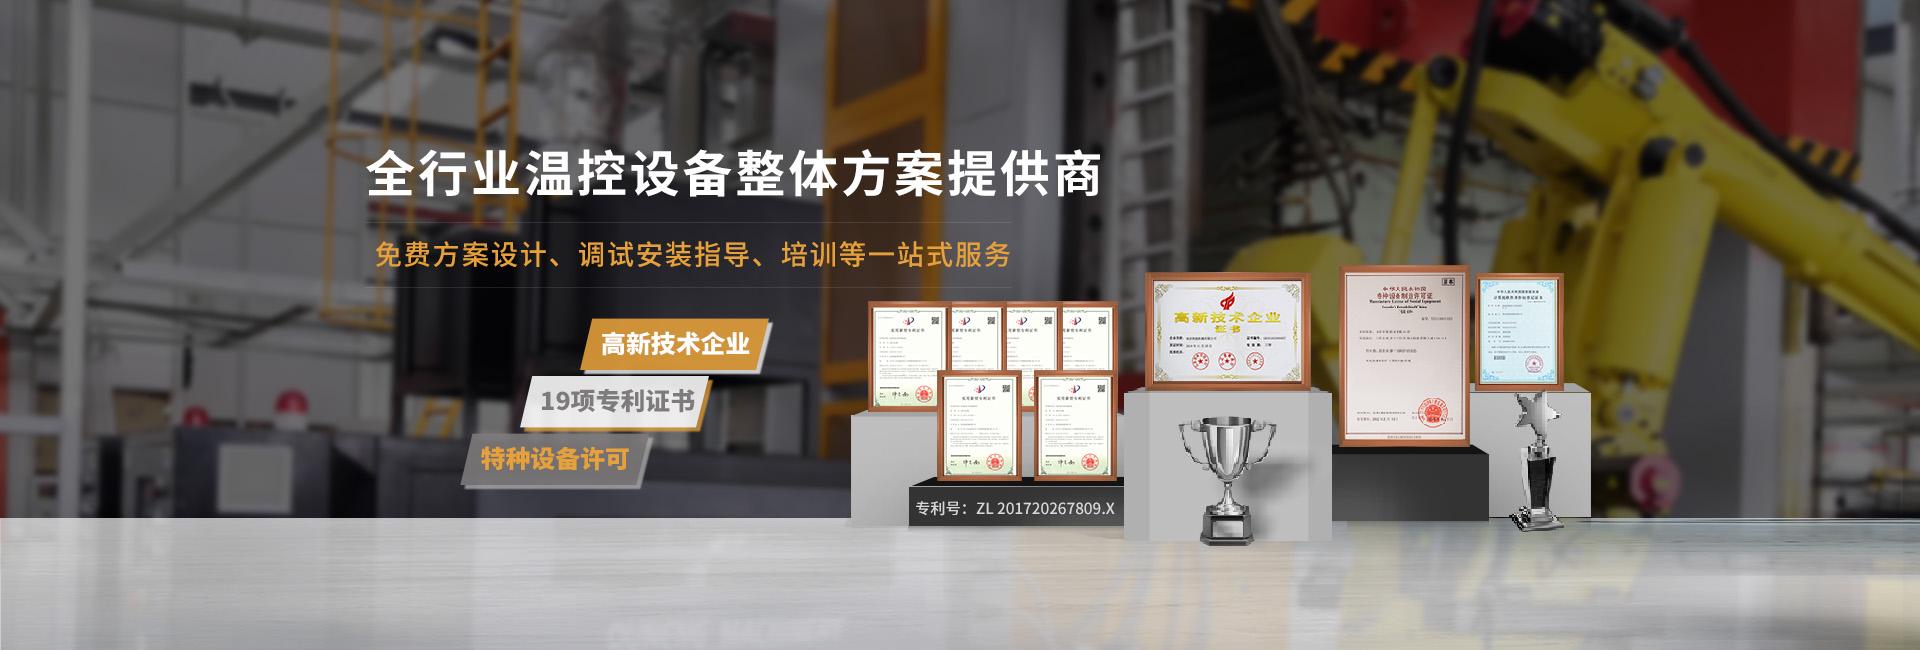 安全智能模温机,油温机,水温机,冷热一体机温控设备生产厂家